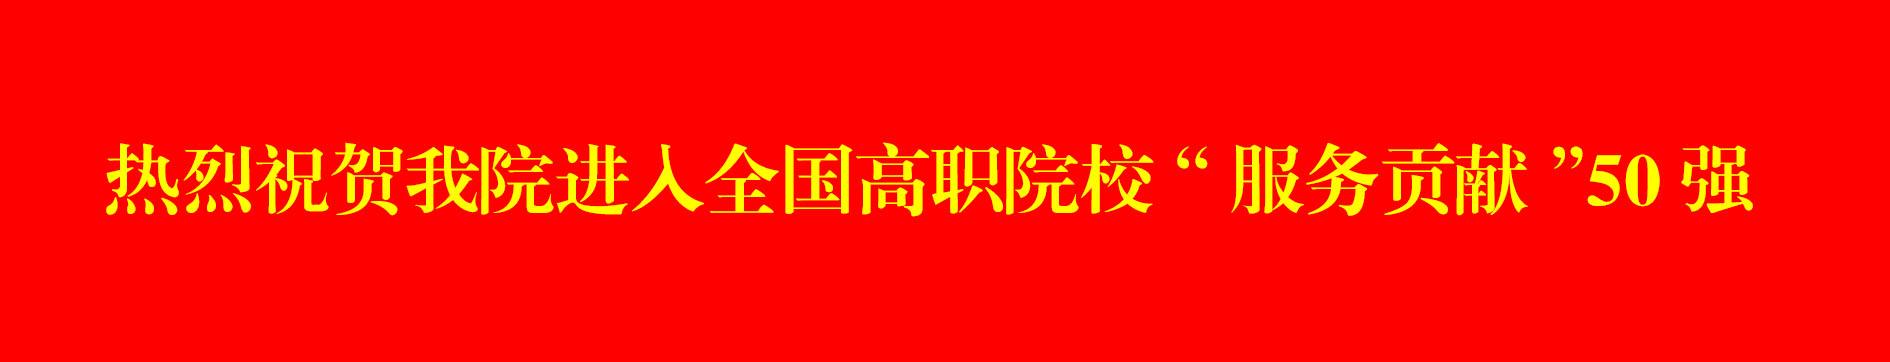 一定发yule注册50qiang